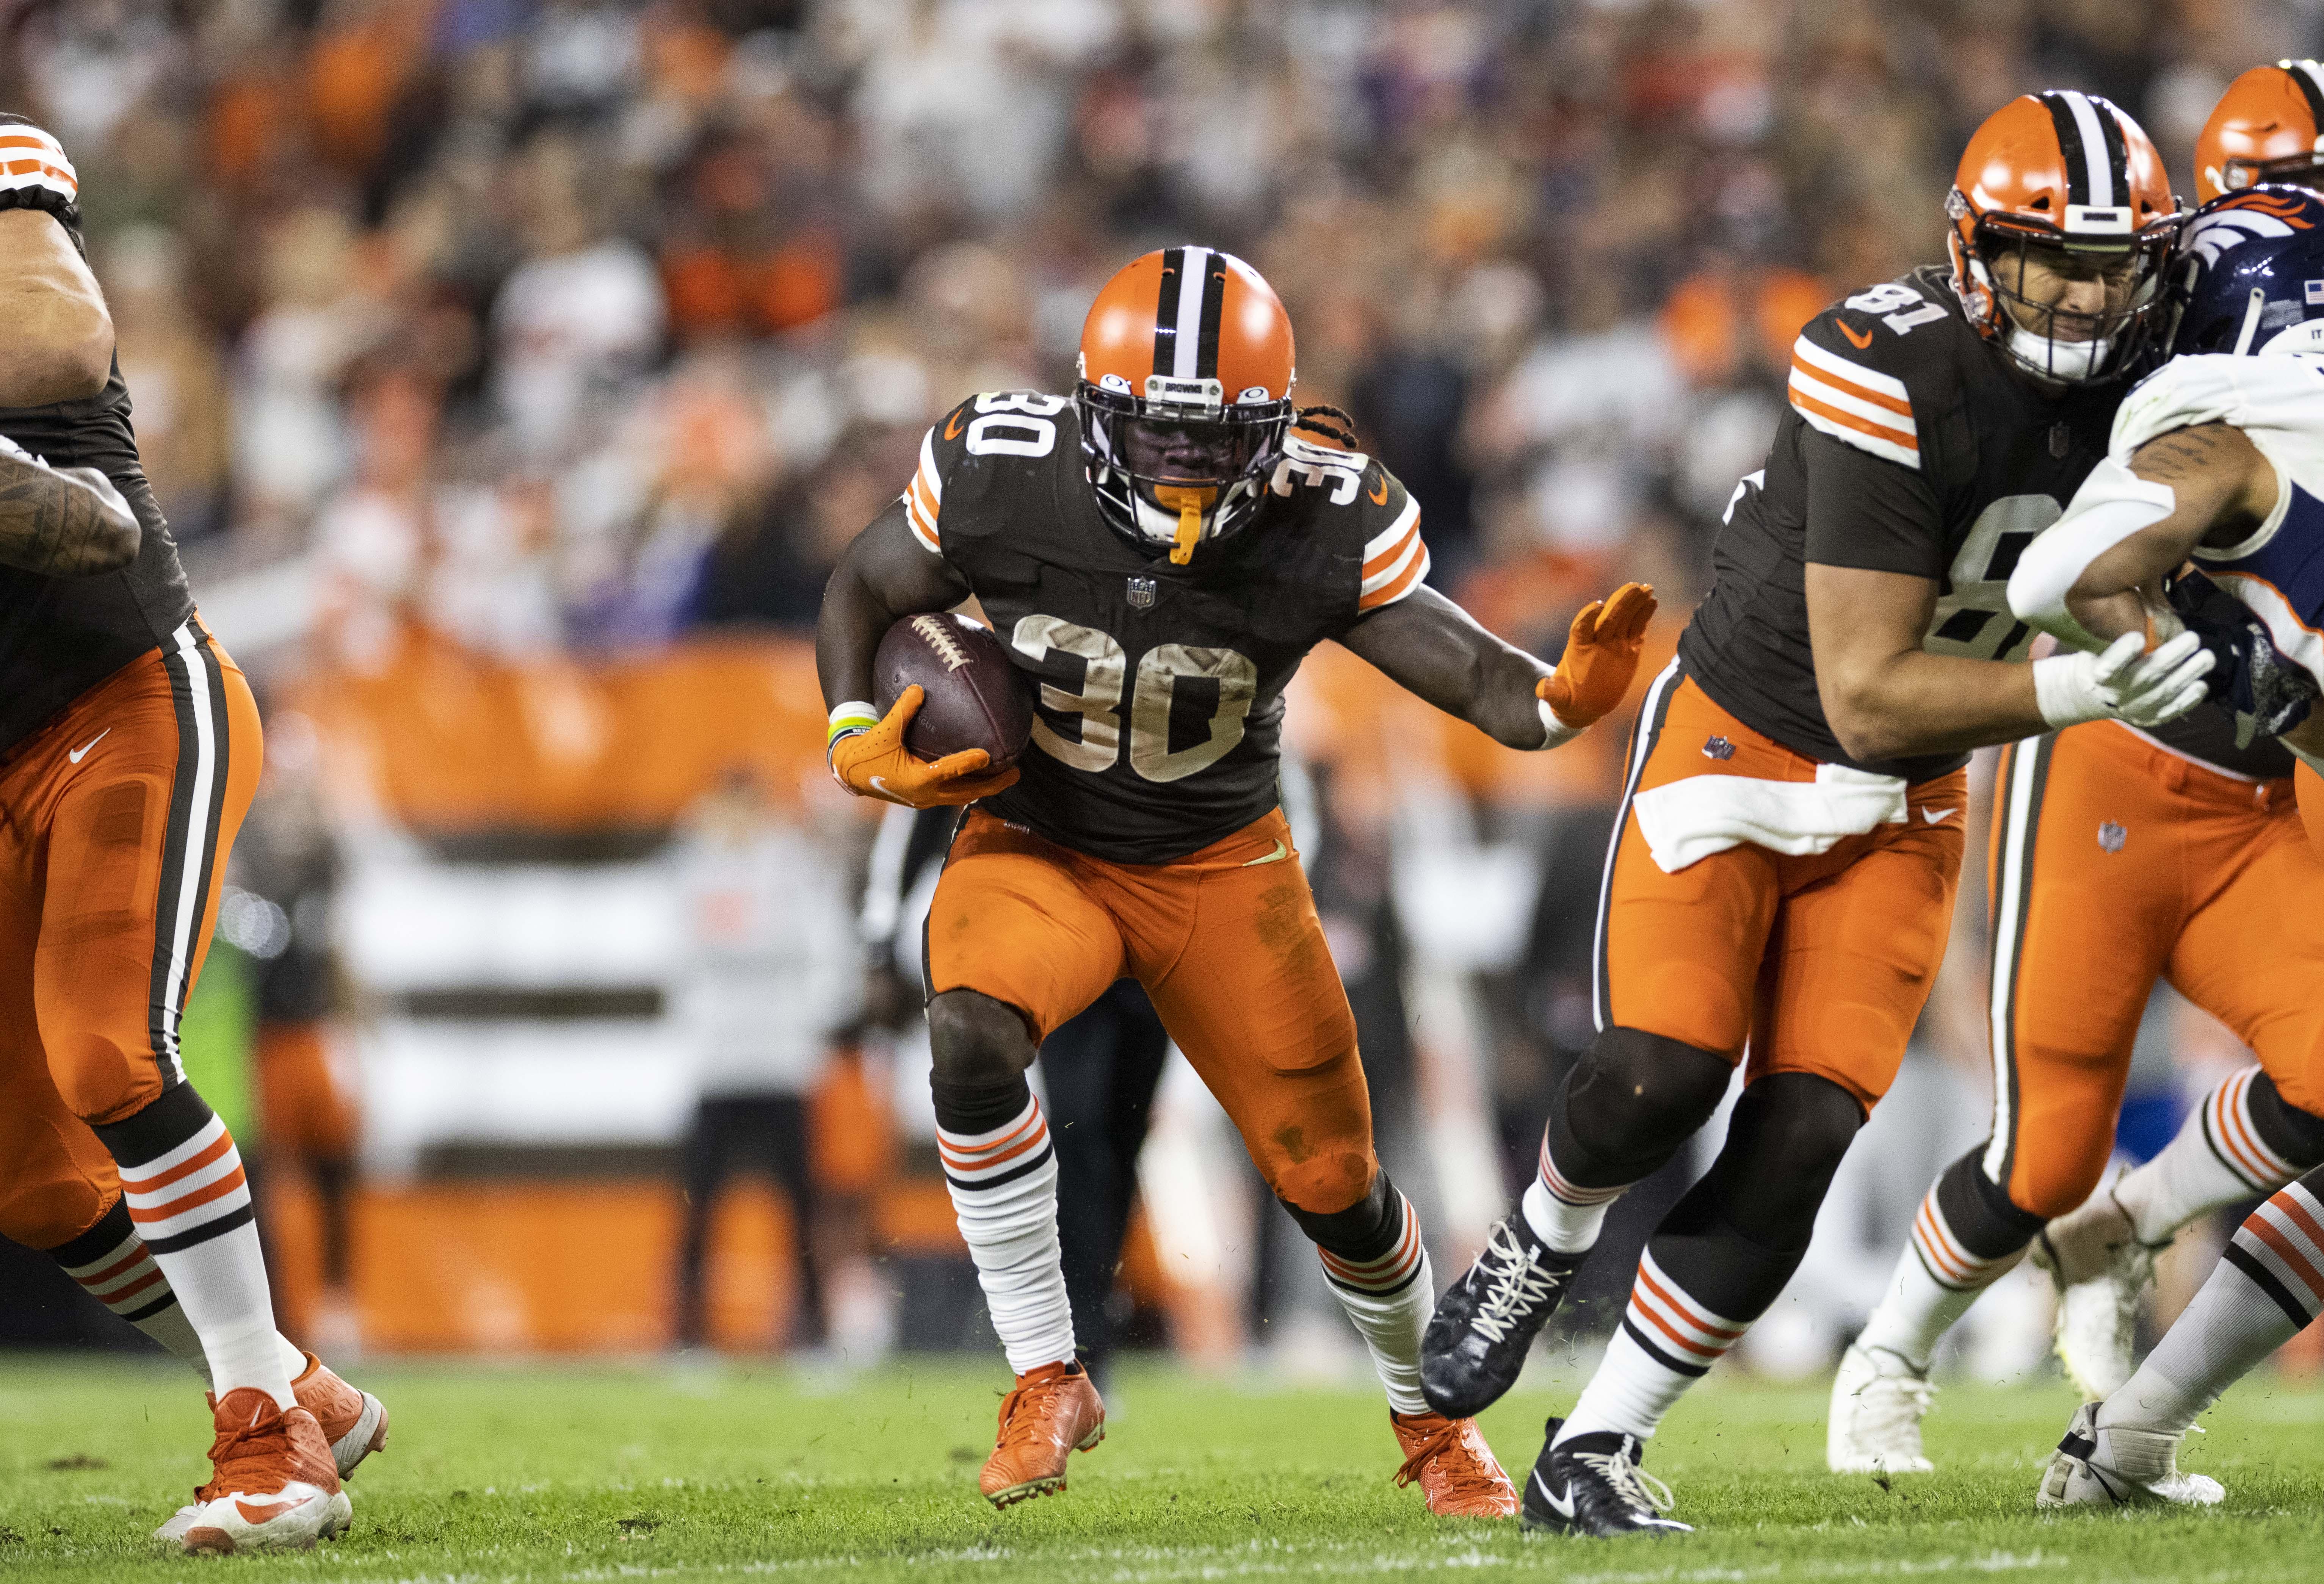 NFL: Denver Broncos at Cleveland Browns